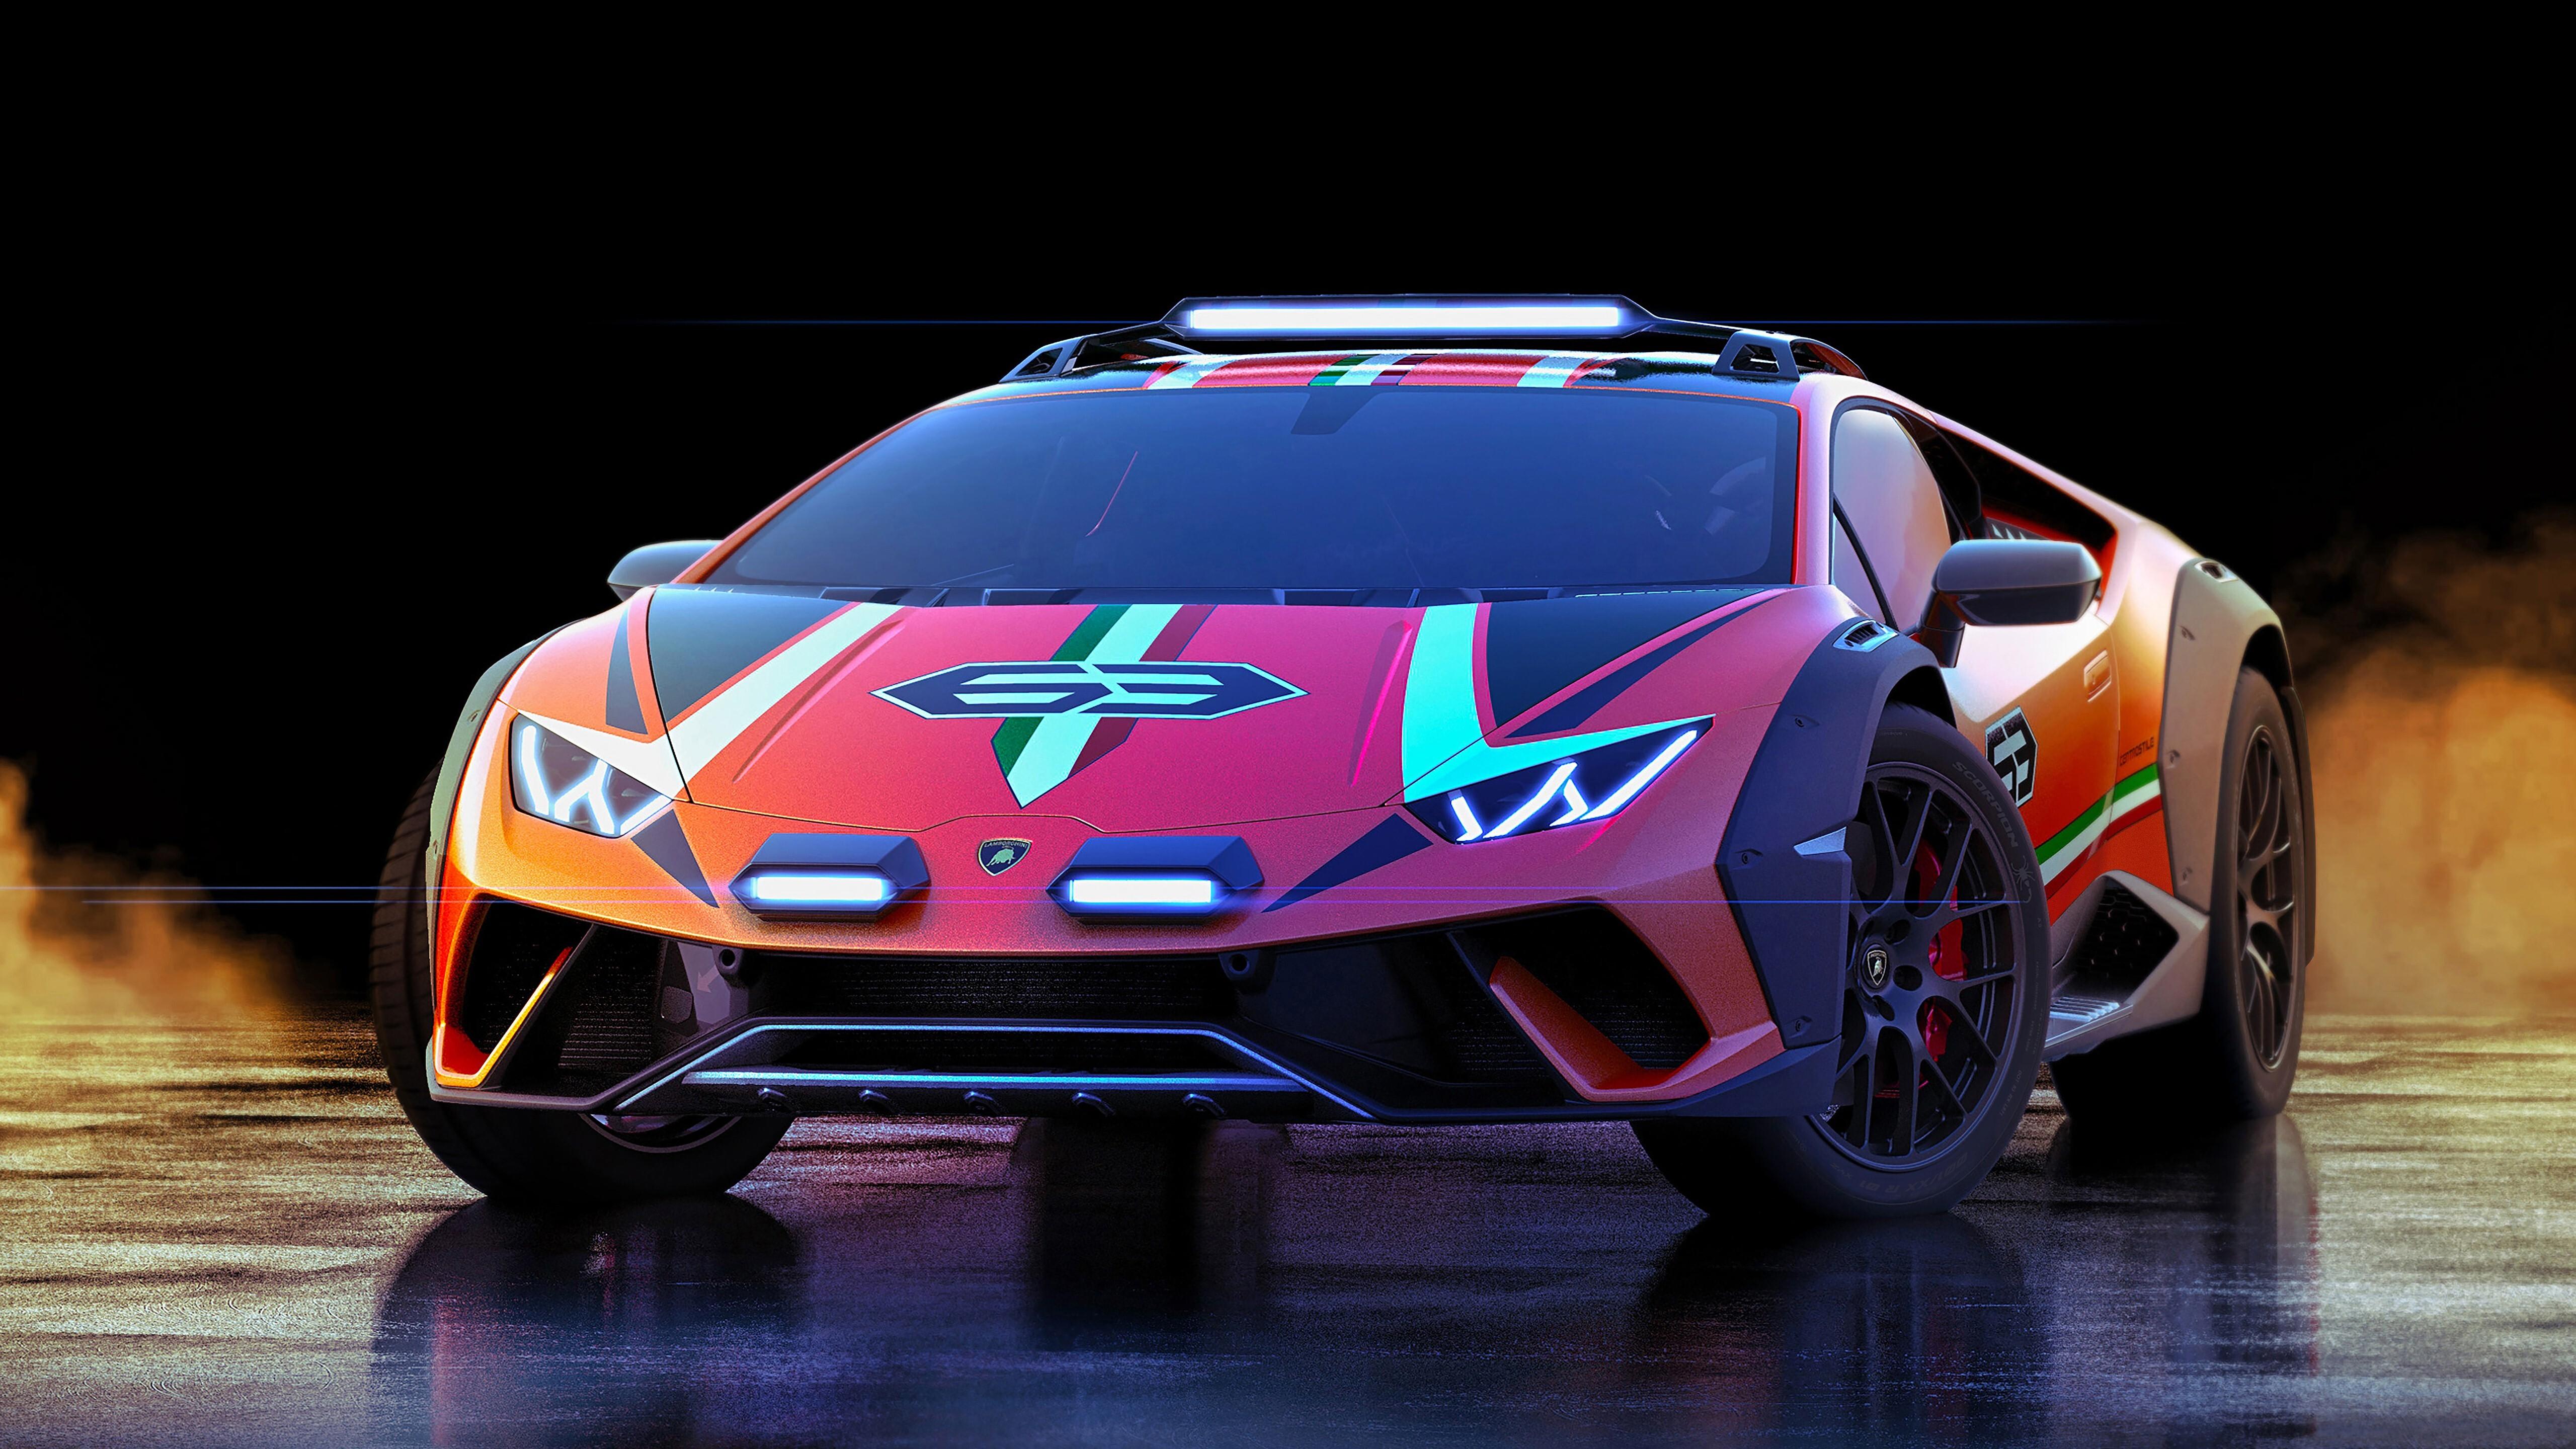 2019 Lamborghini Huracan Sterrato Concept 5k Car Wallpaper